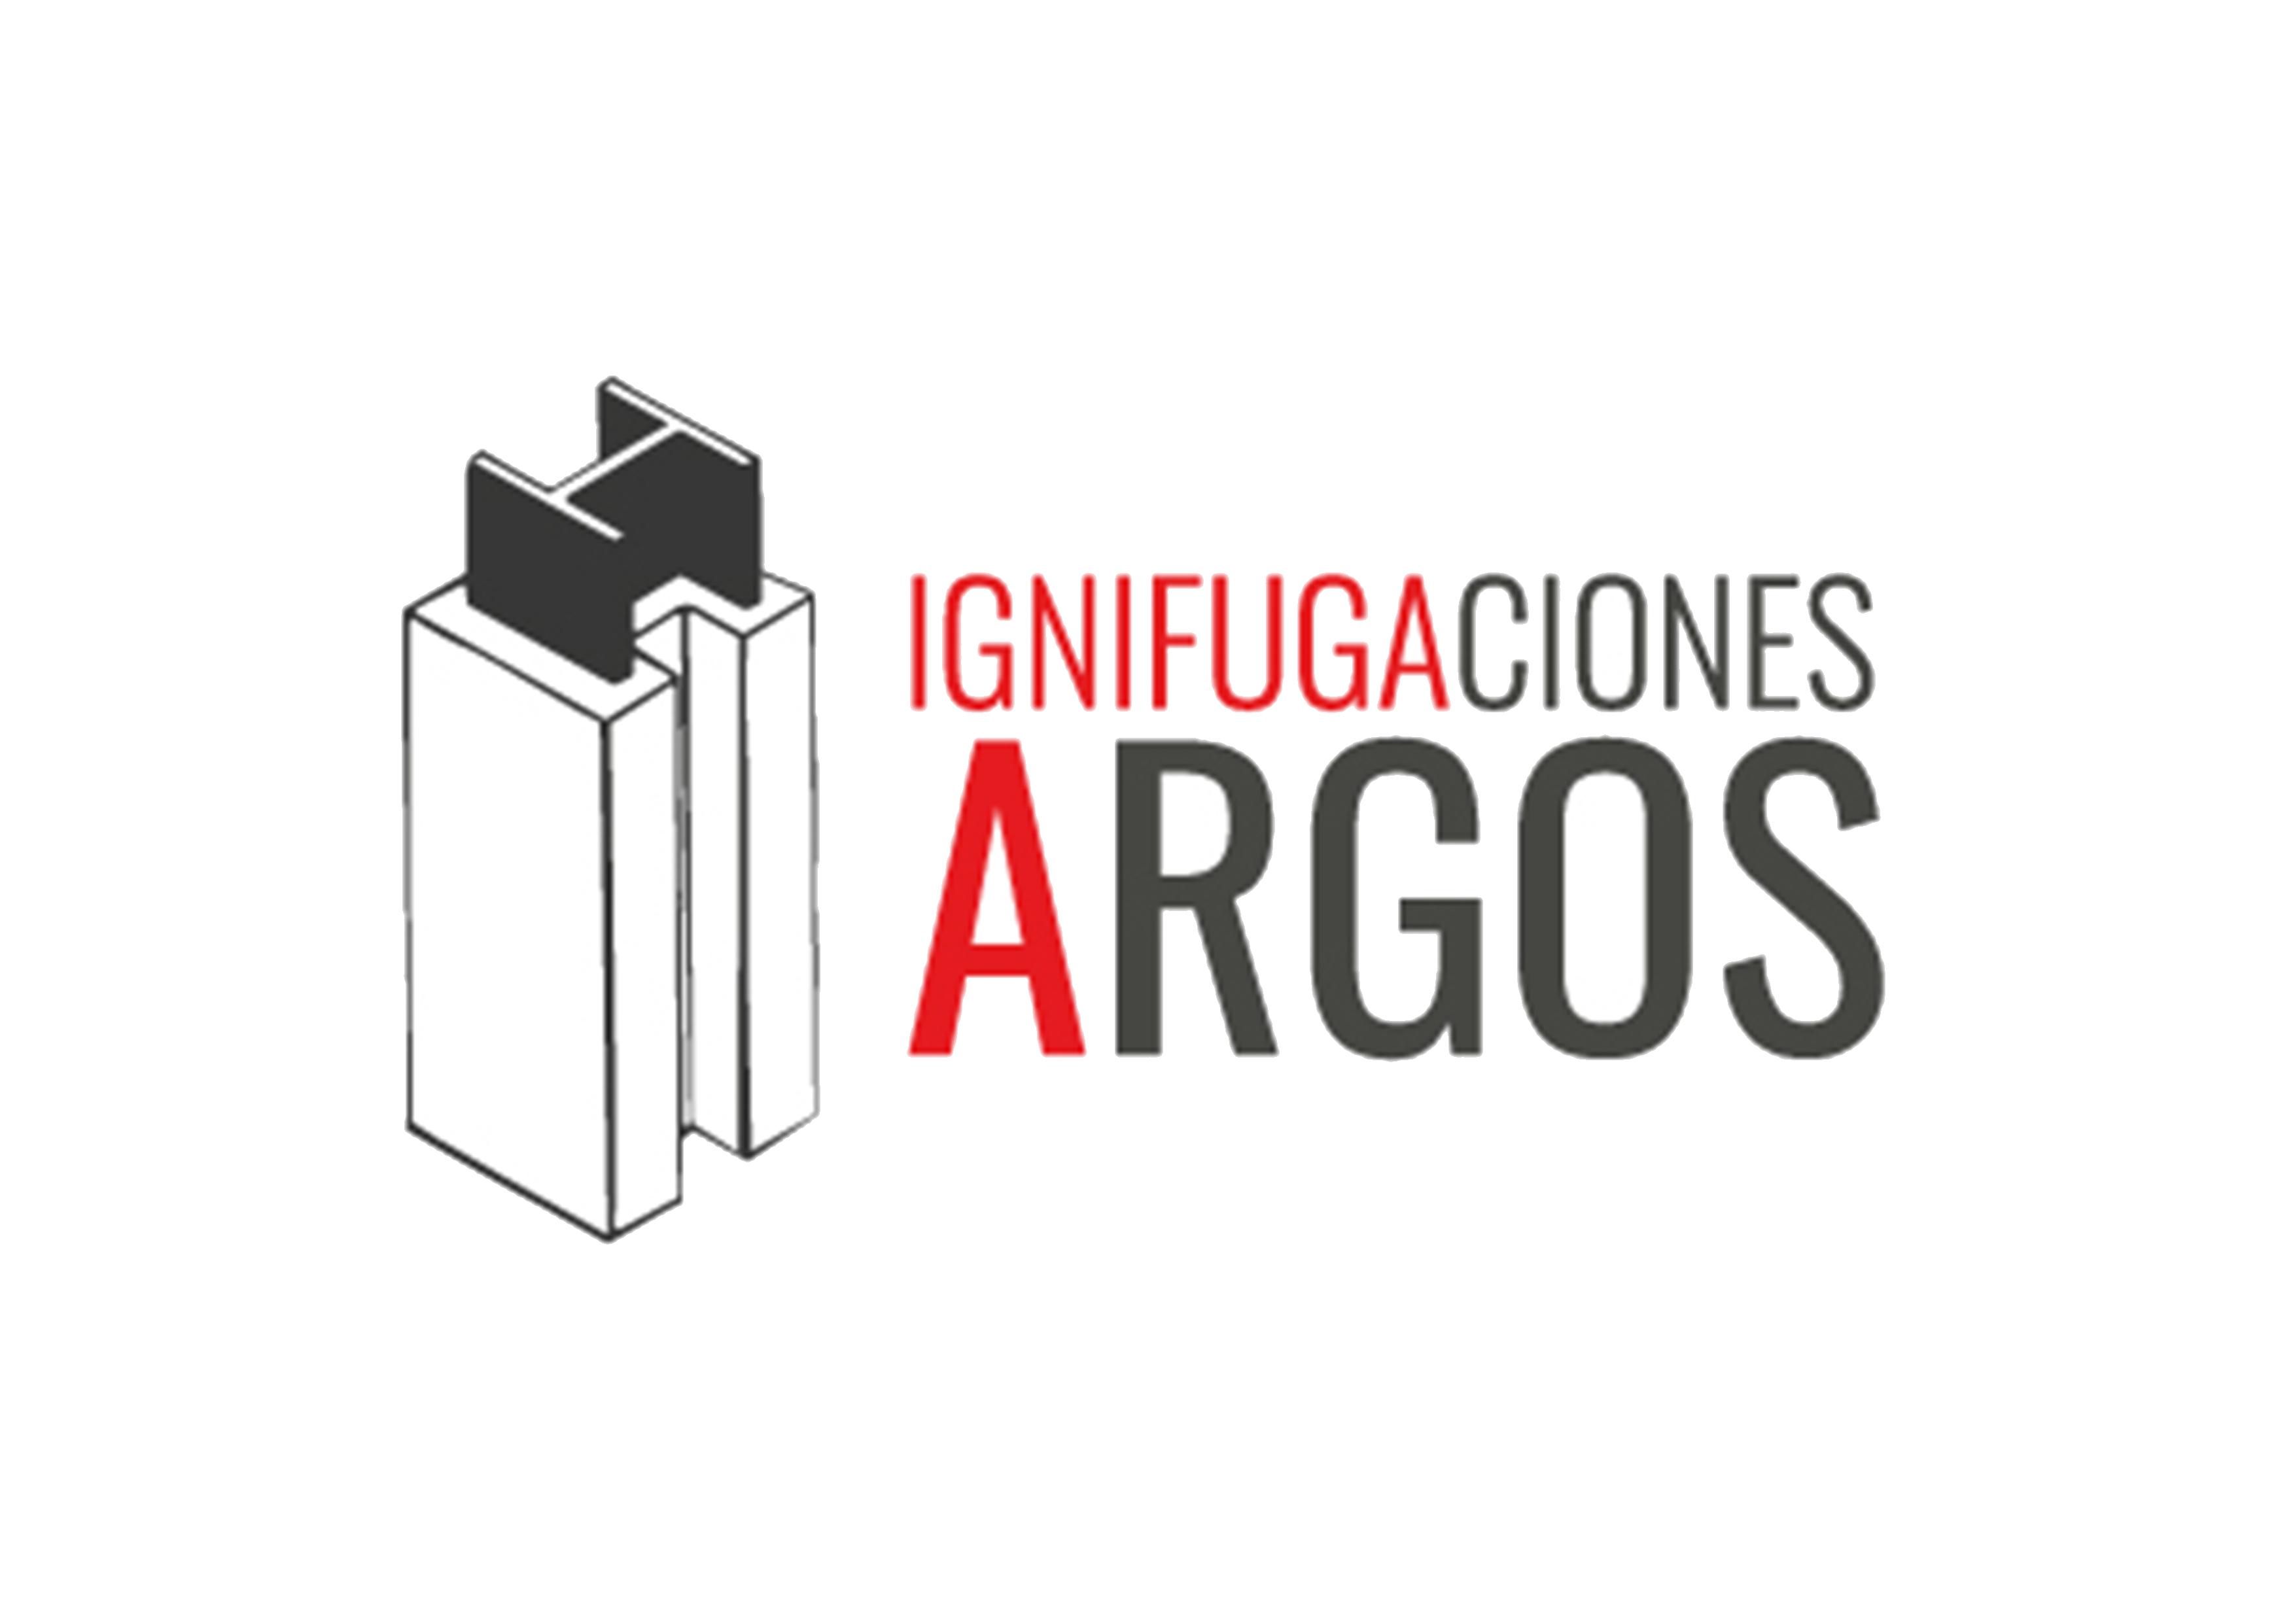 Ignifugaciones Argos